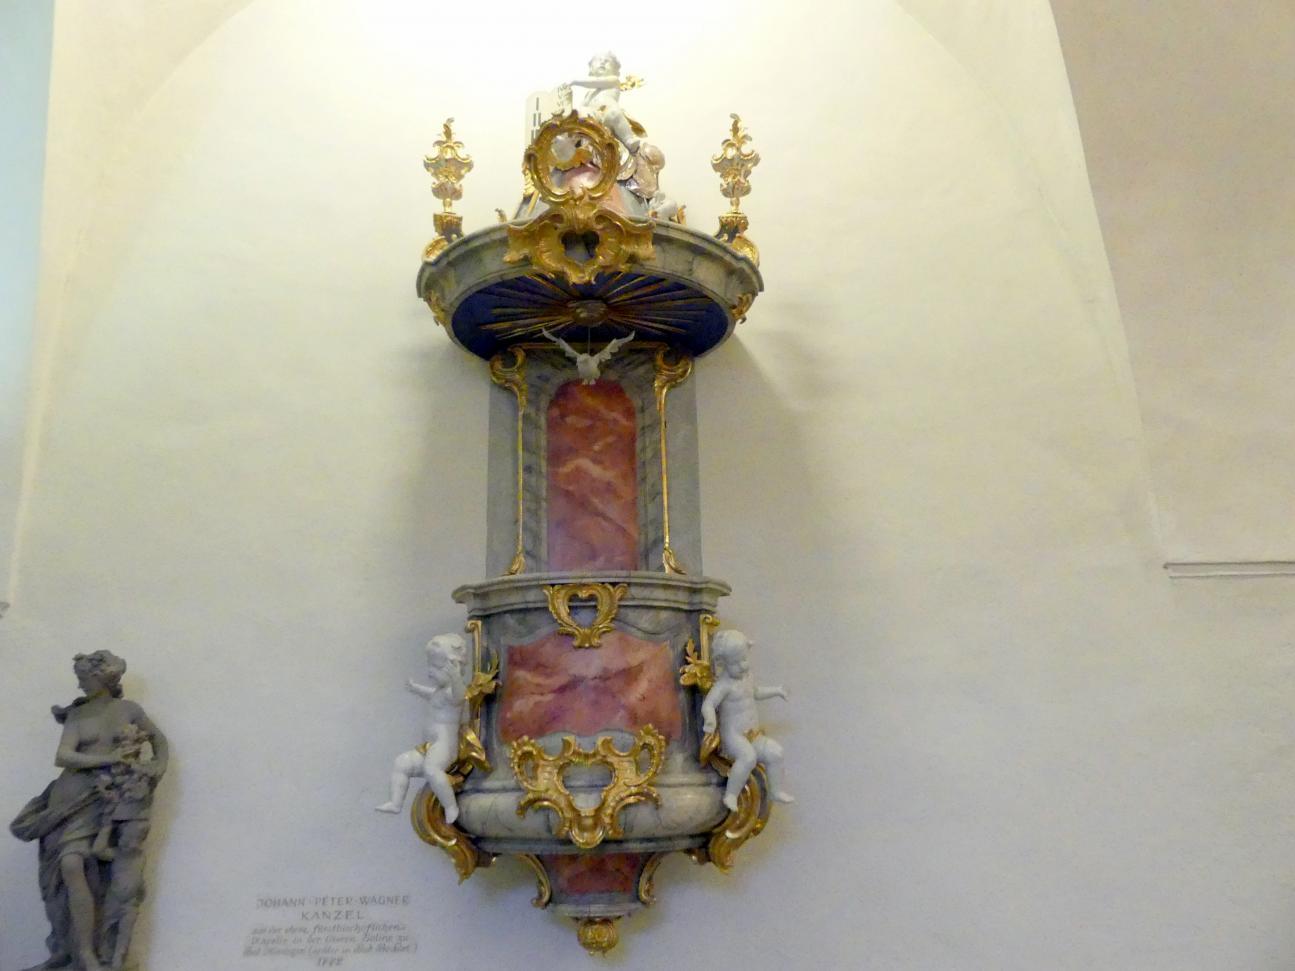 Johann Peter Wagner: Kanzel aus der fürstbischöflichen Kapelle der Saline bei Bad Kissingen, 1772